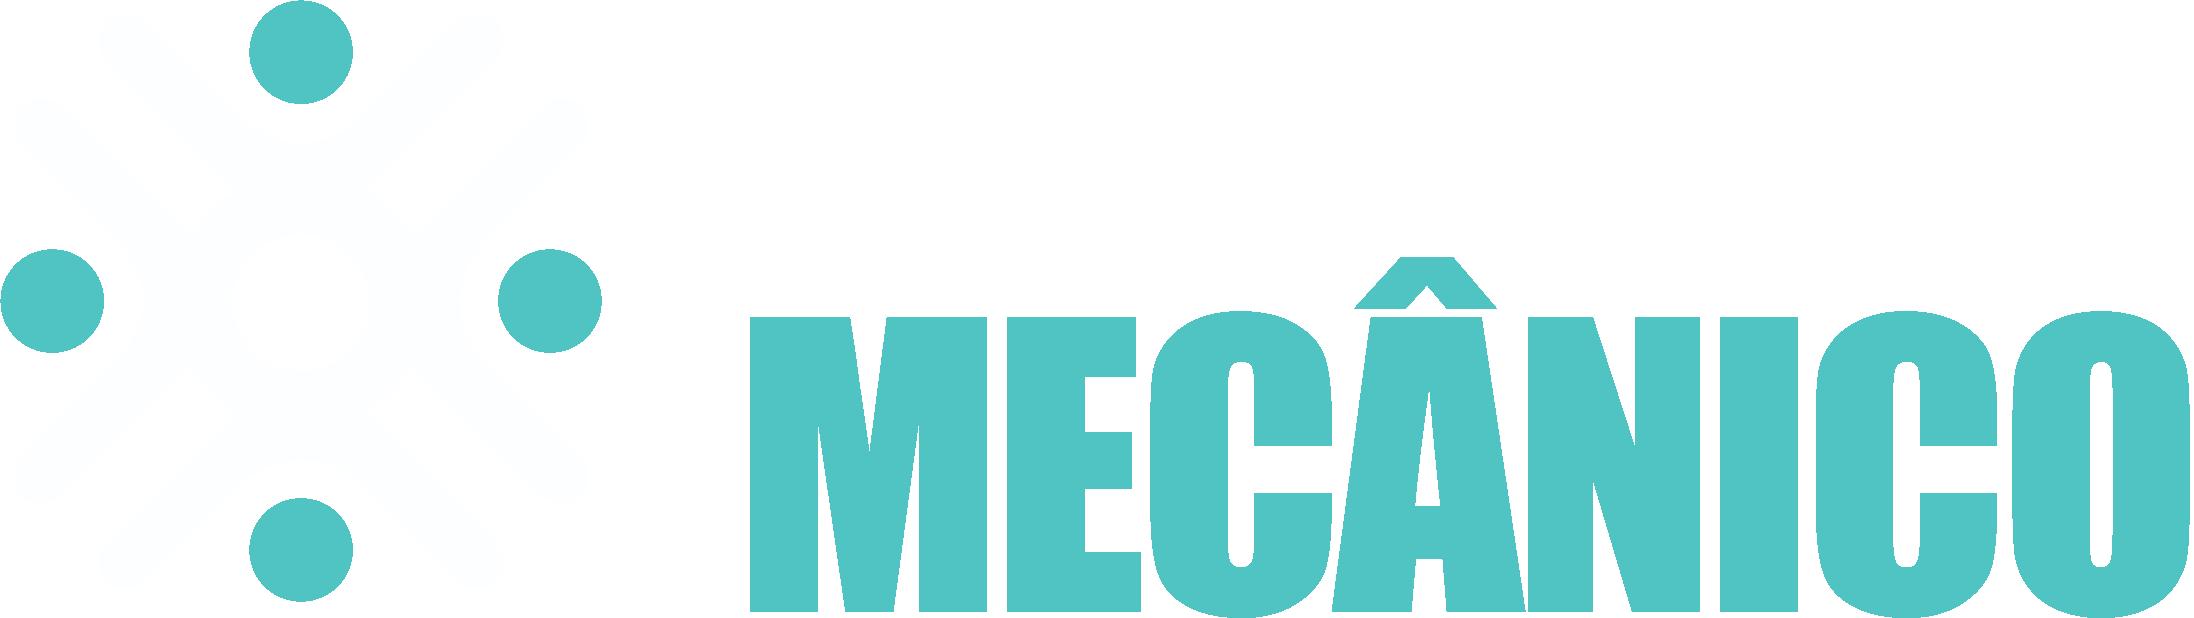 O Projetista Mecânico